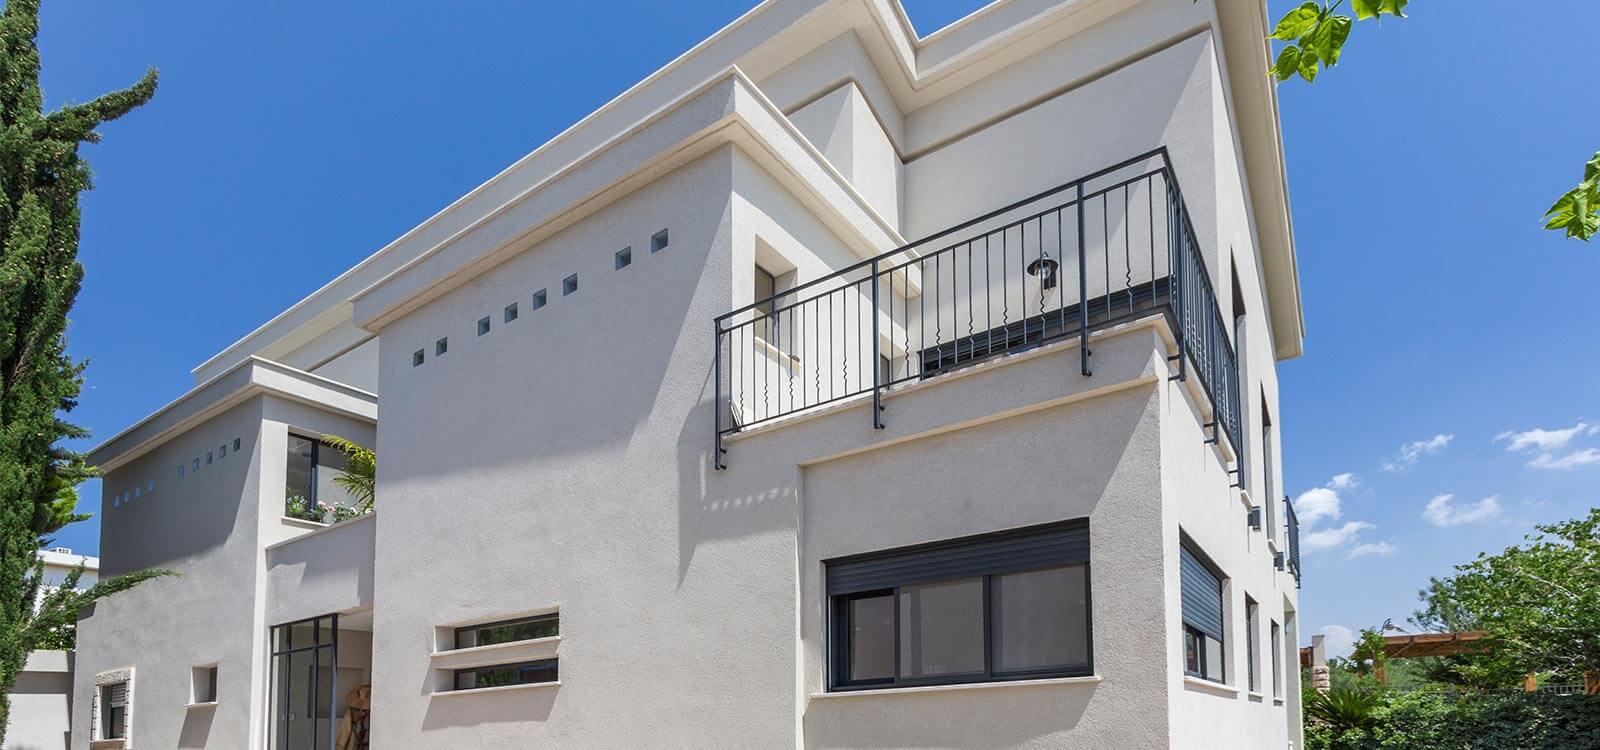 אדריכלות בית בעמק יזרעאל